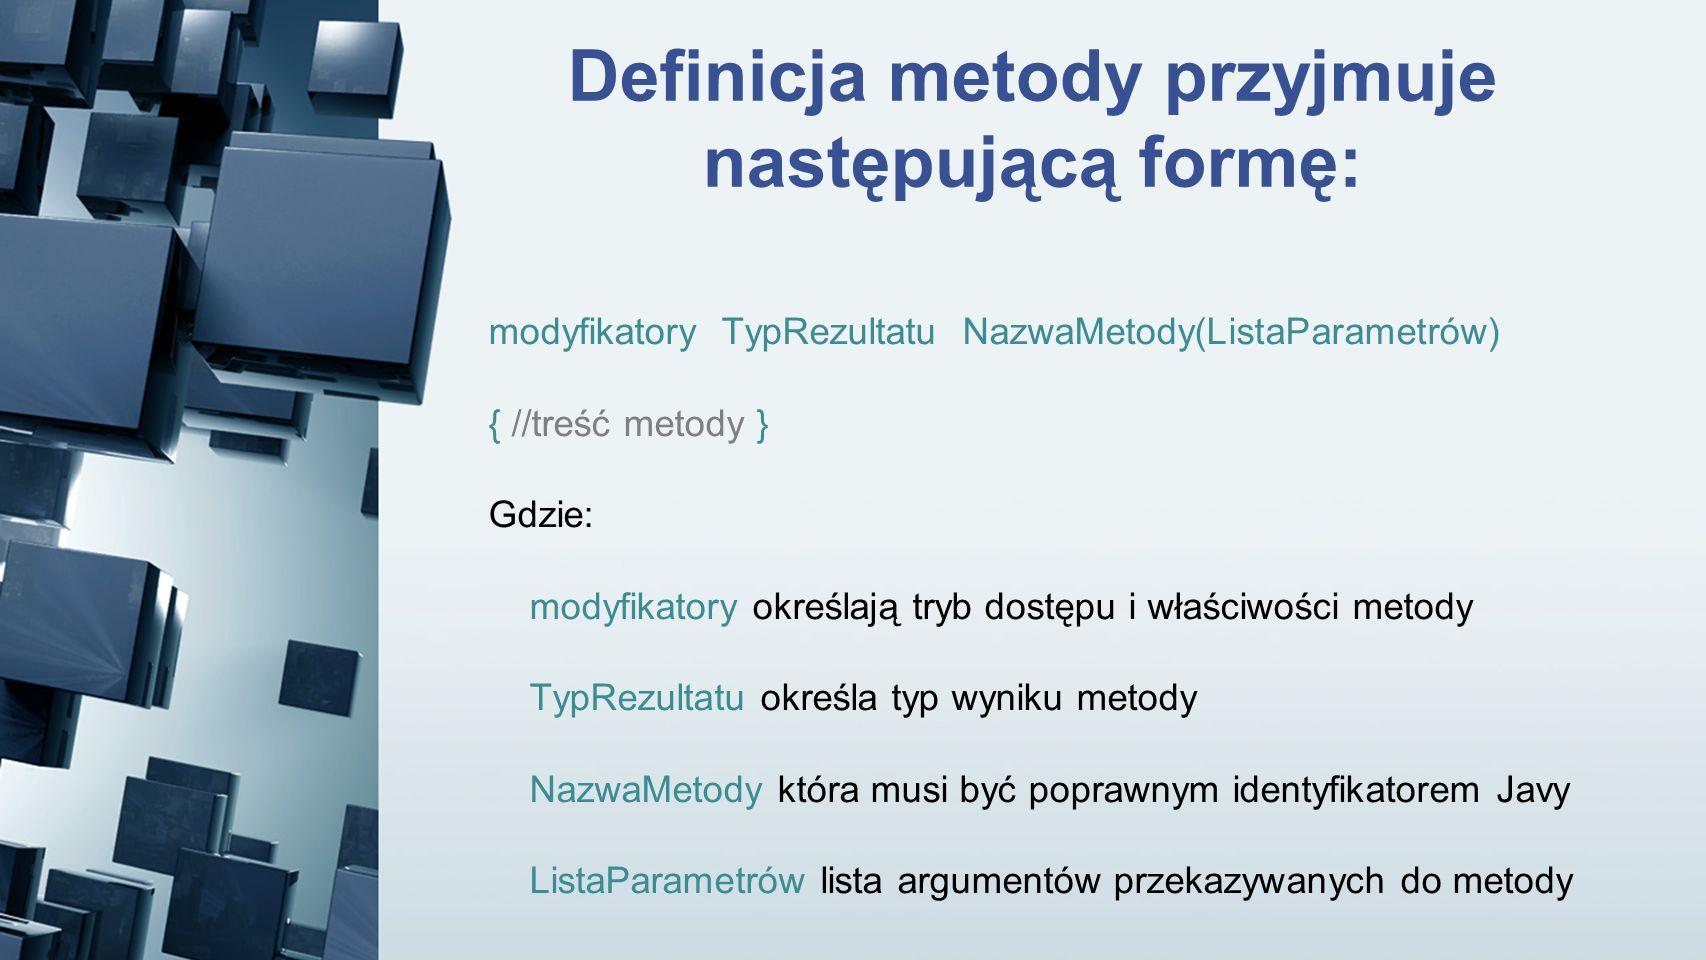 Definicja metody przyjmuje następującą formę: modyfikatory TypRezultatu NazwaMetody(ListaParametrów) { //treść metody } Gdzie: modyfikatory określają